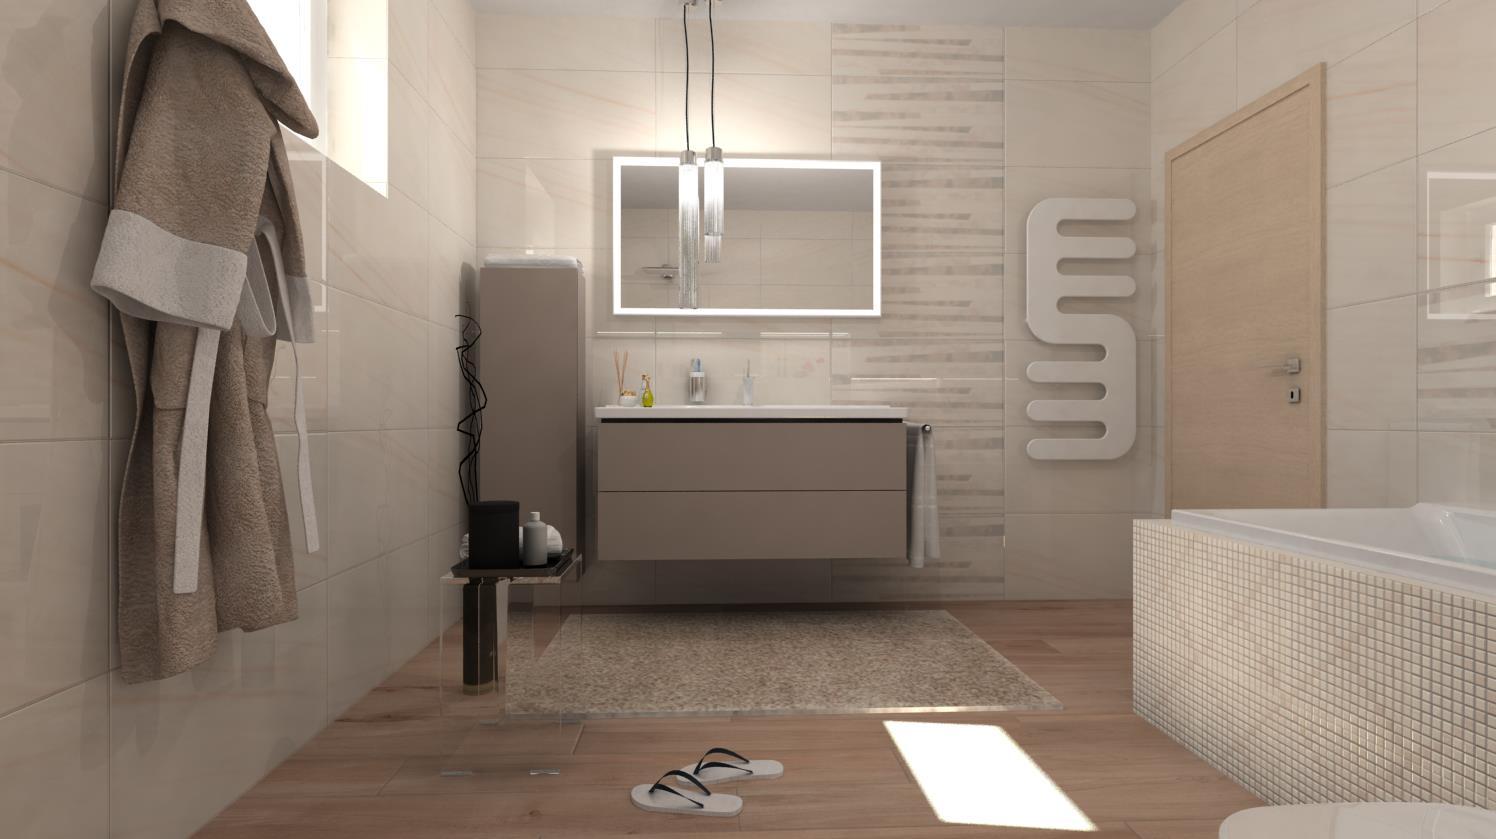 Vizualizácie kúpeľne - Vizualizácia kúpeľne - obklady 40x80 cm - 2. variant